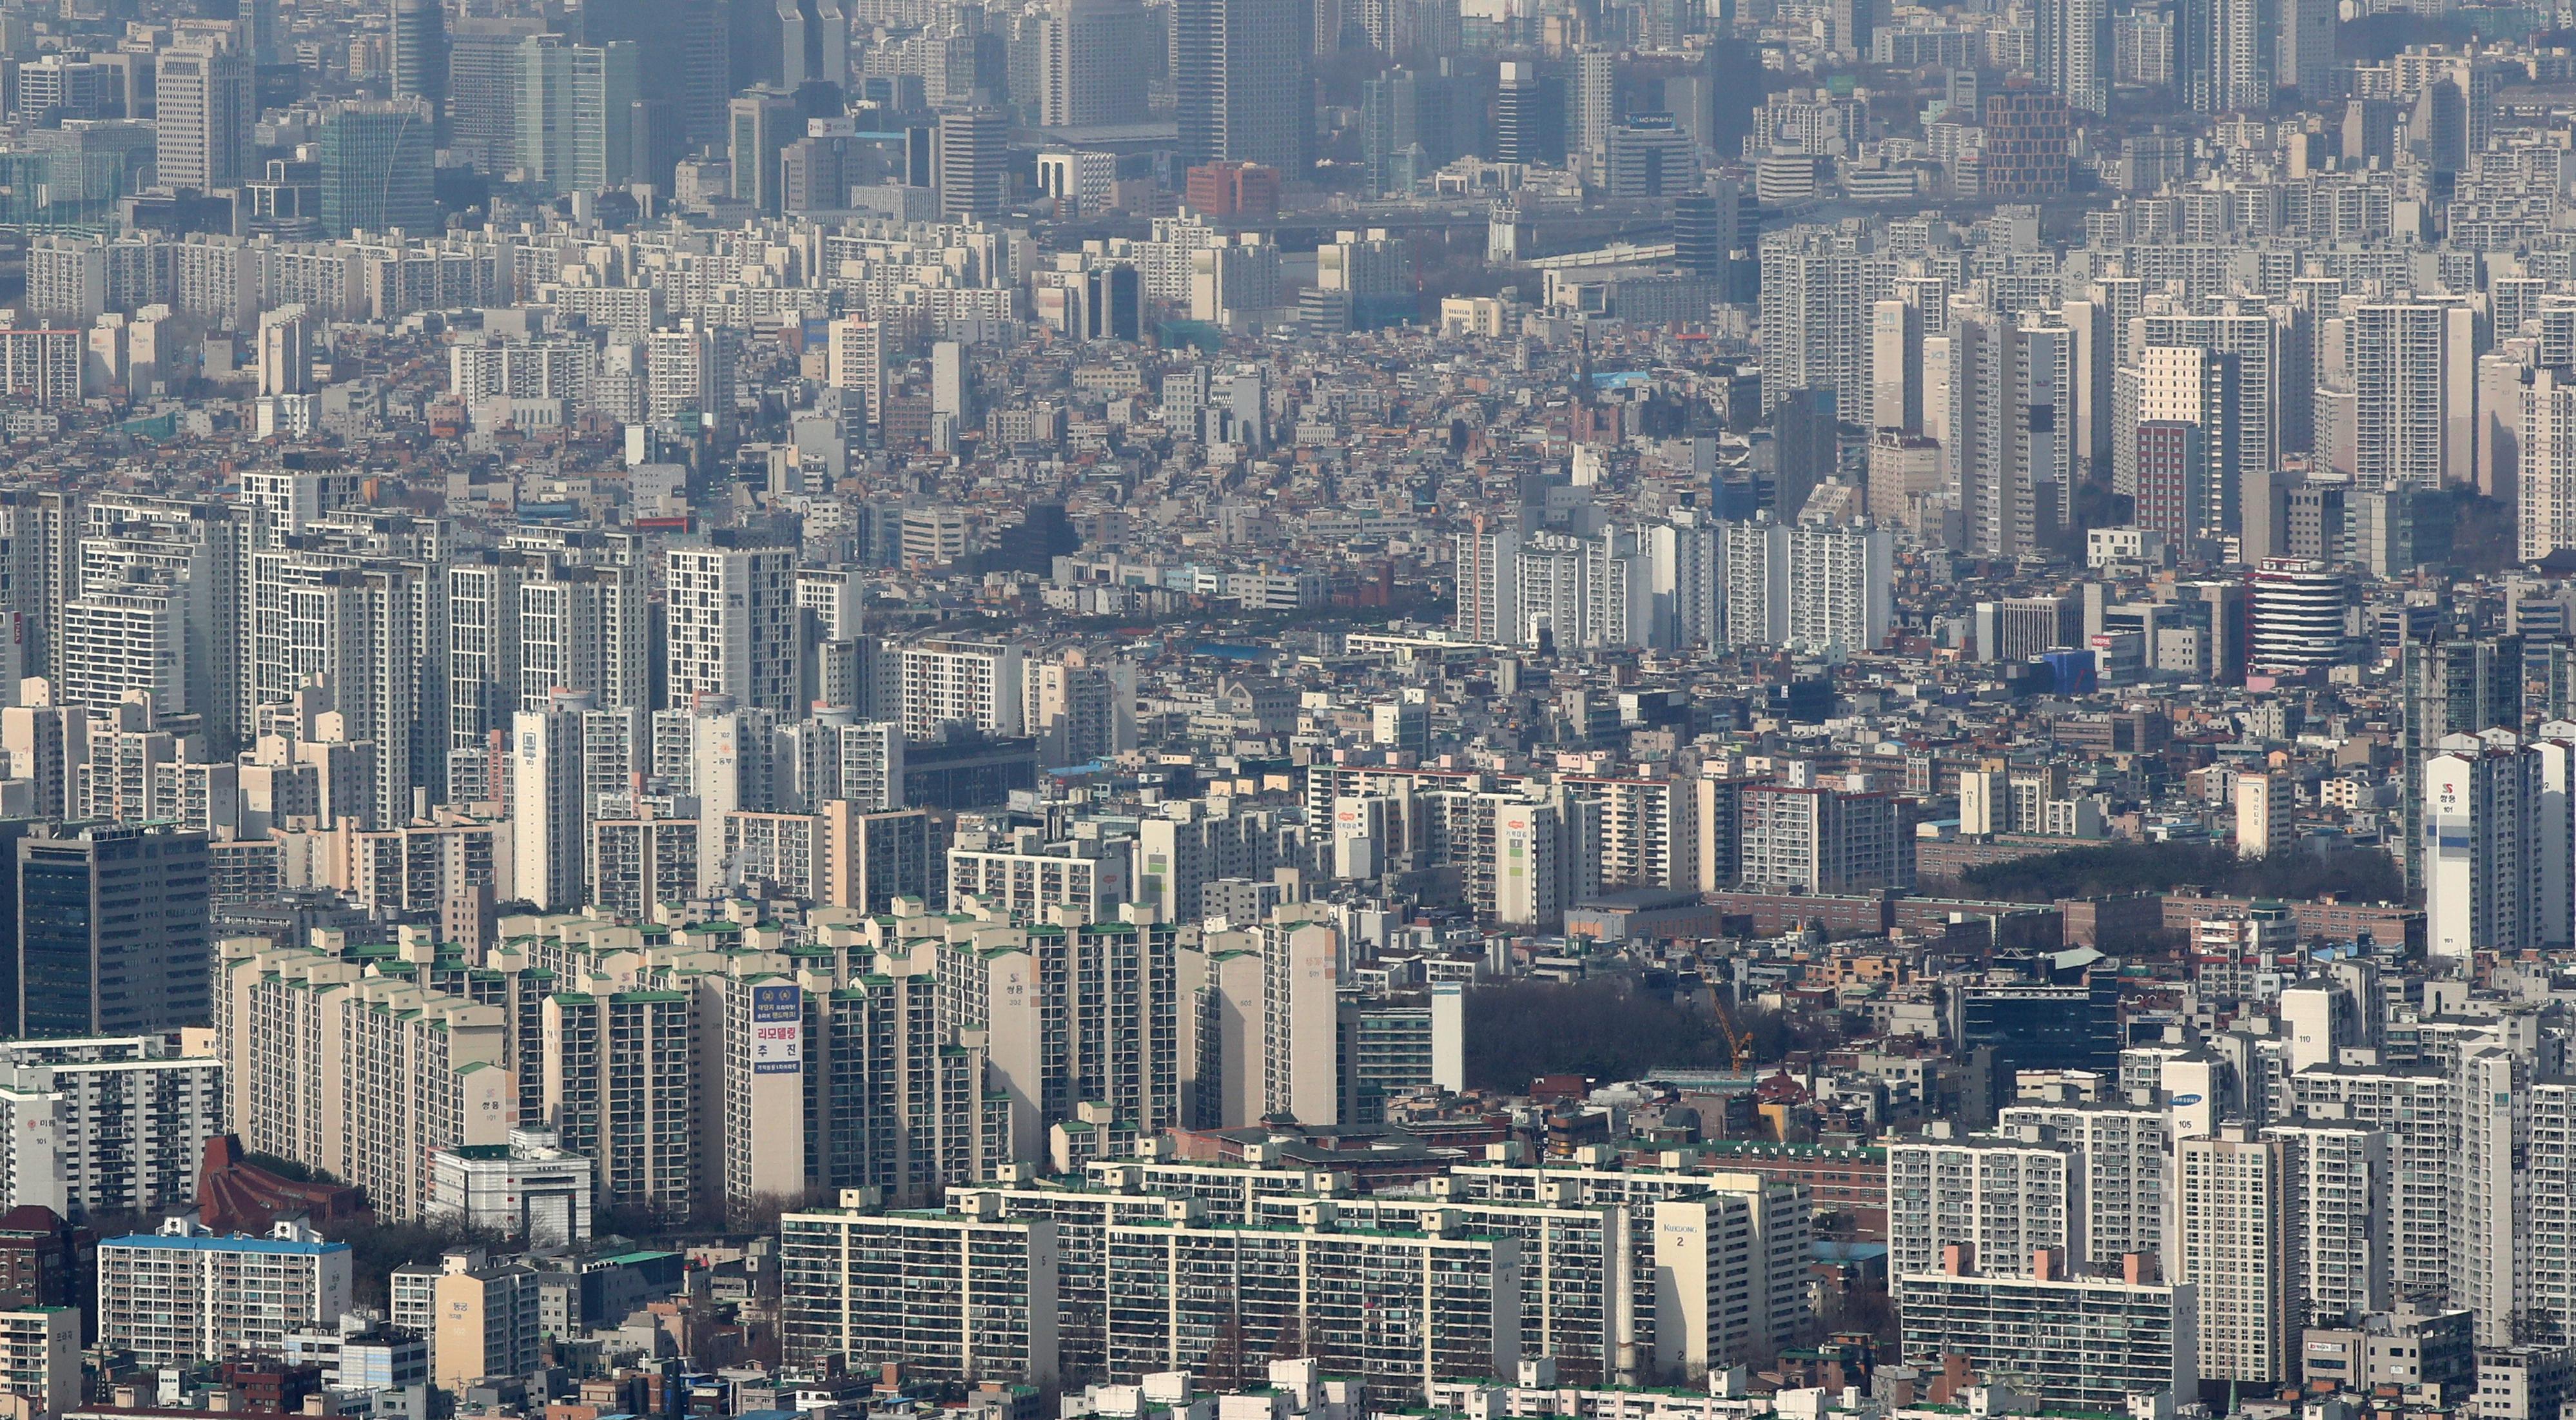 서울 아파트 단지 모습